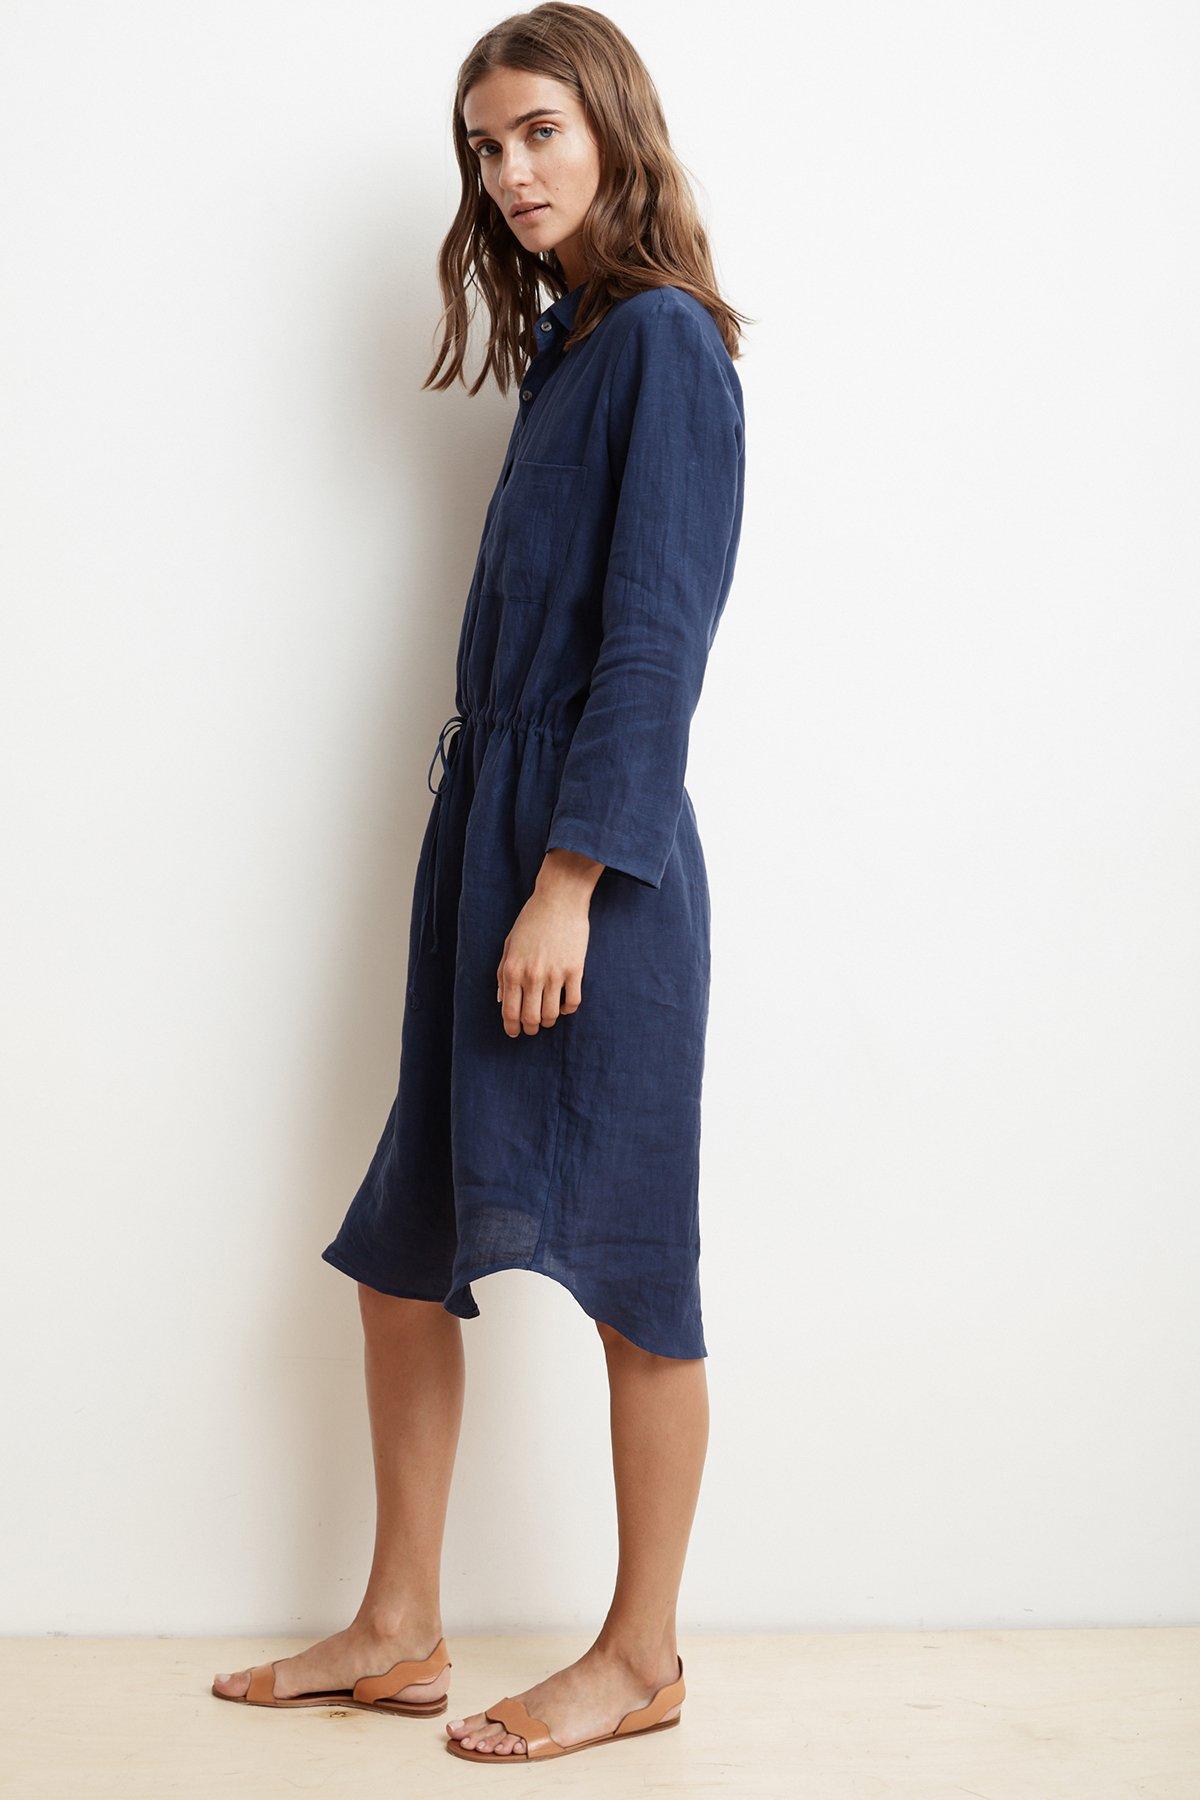 962b3d5e111 Lyst - Velvet By Graham   Spencer Tristana Woven Linen Shirt Dress ...